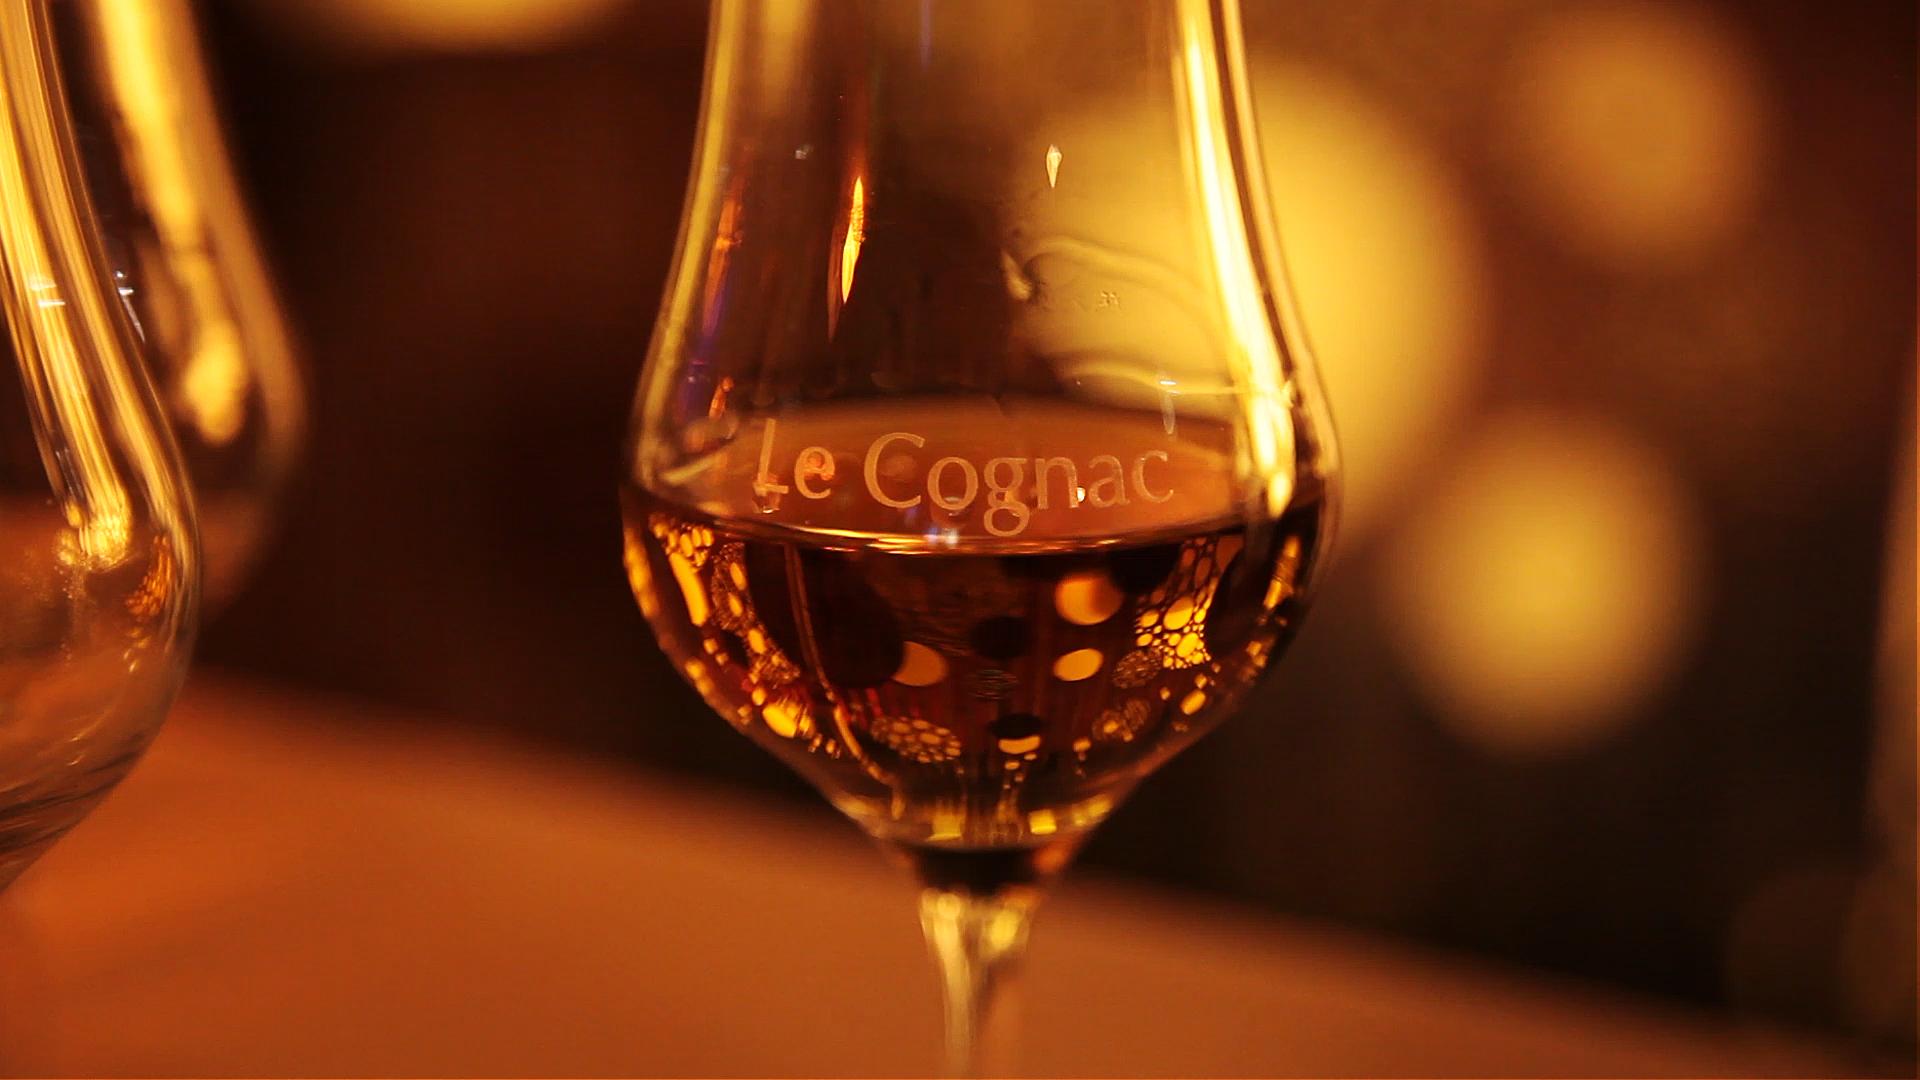 fete du cognac verre de cognac 8659 bateaux nicols inter croisieres sireuil charentestourisme.jpg